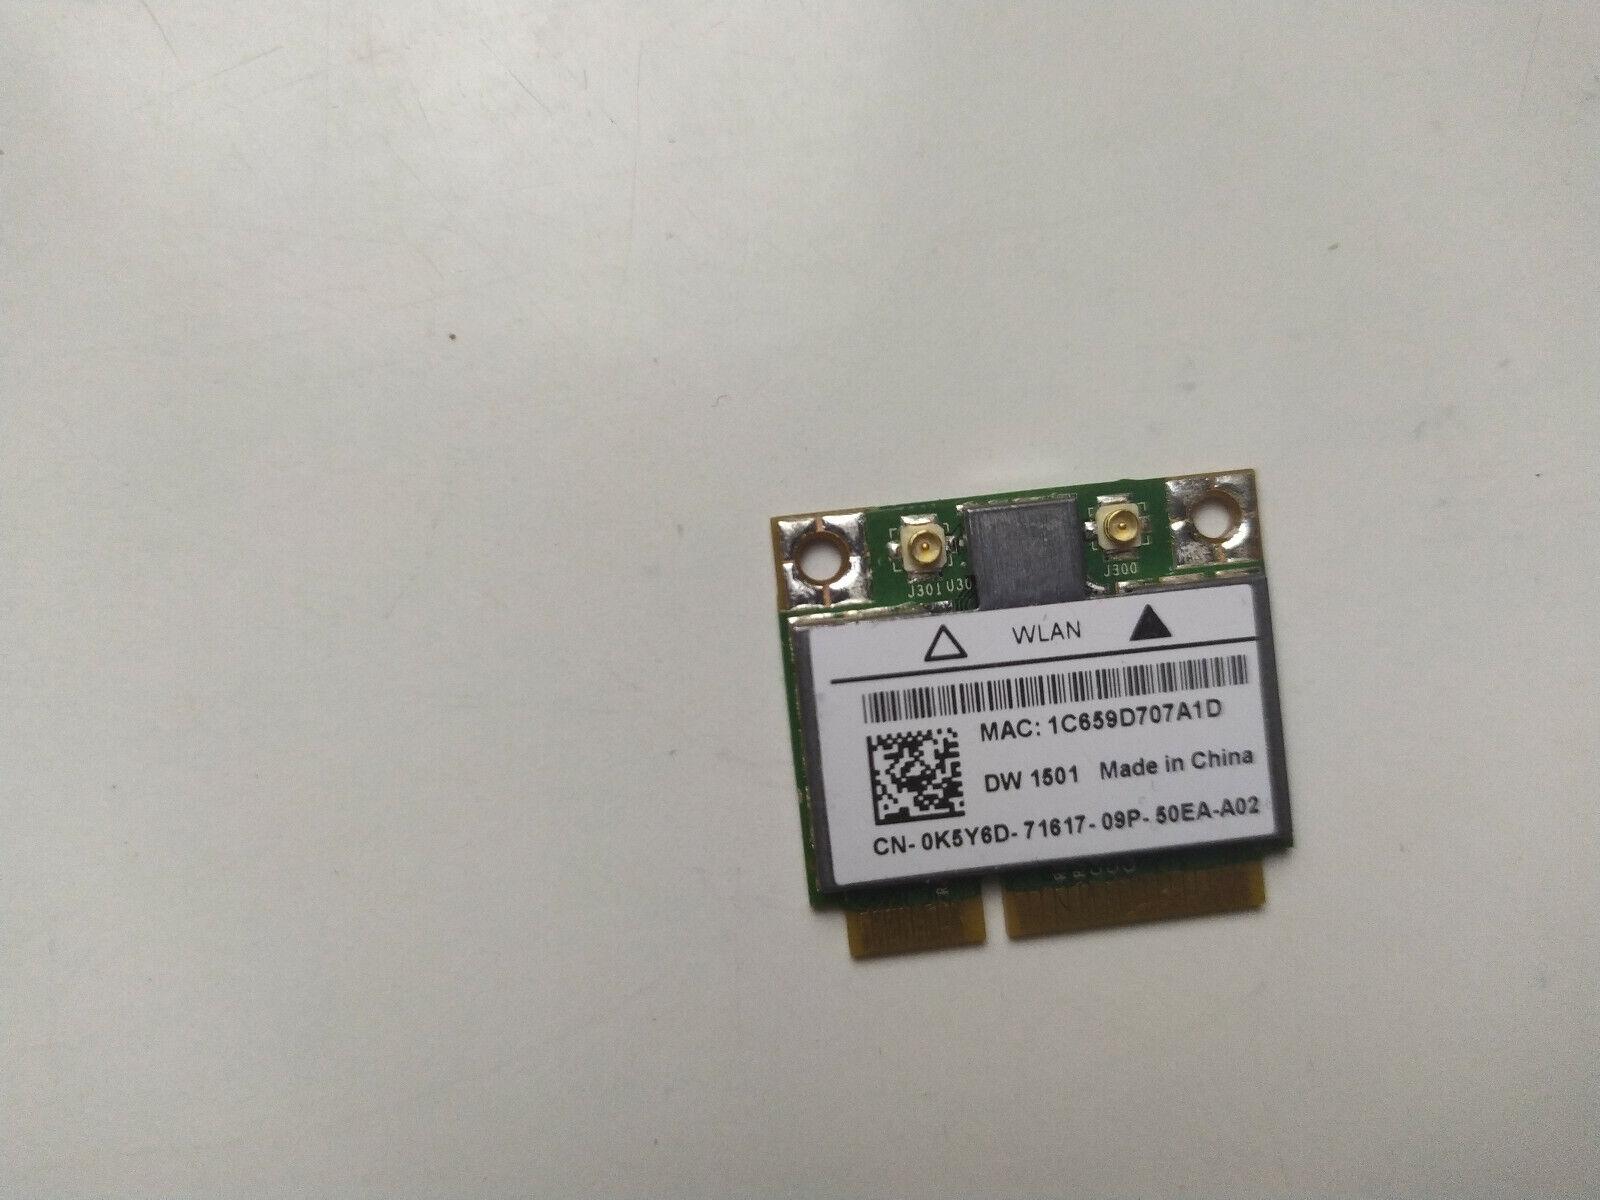 Dell Inspiron 15 N5010 WiFi Wireless Card 0K5Y6D K5Y6D DW 1501